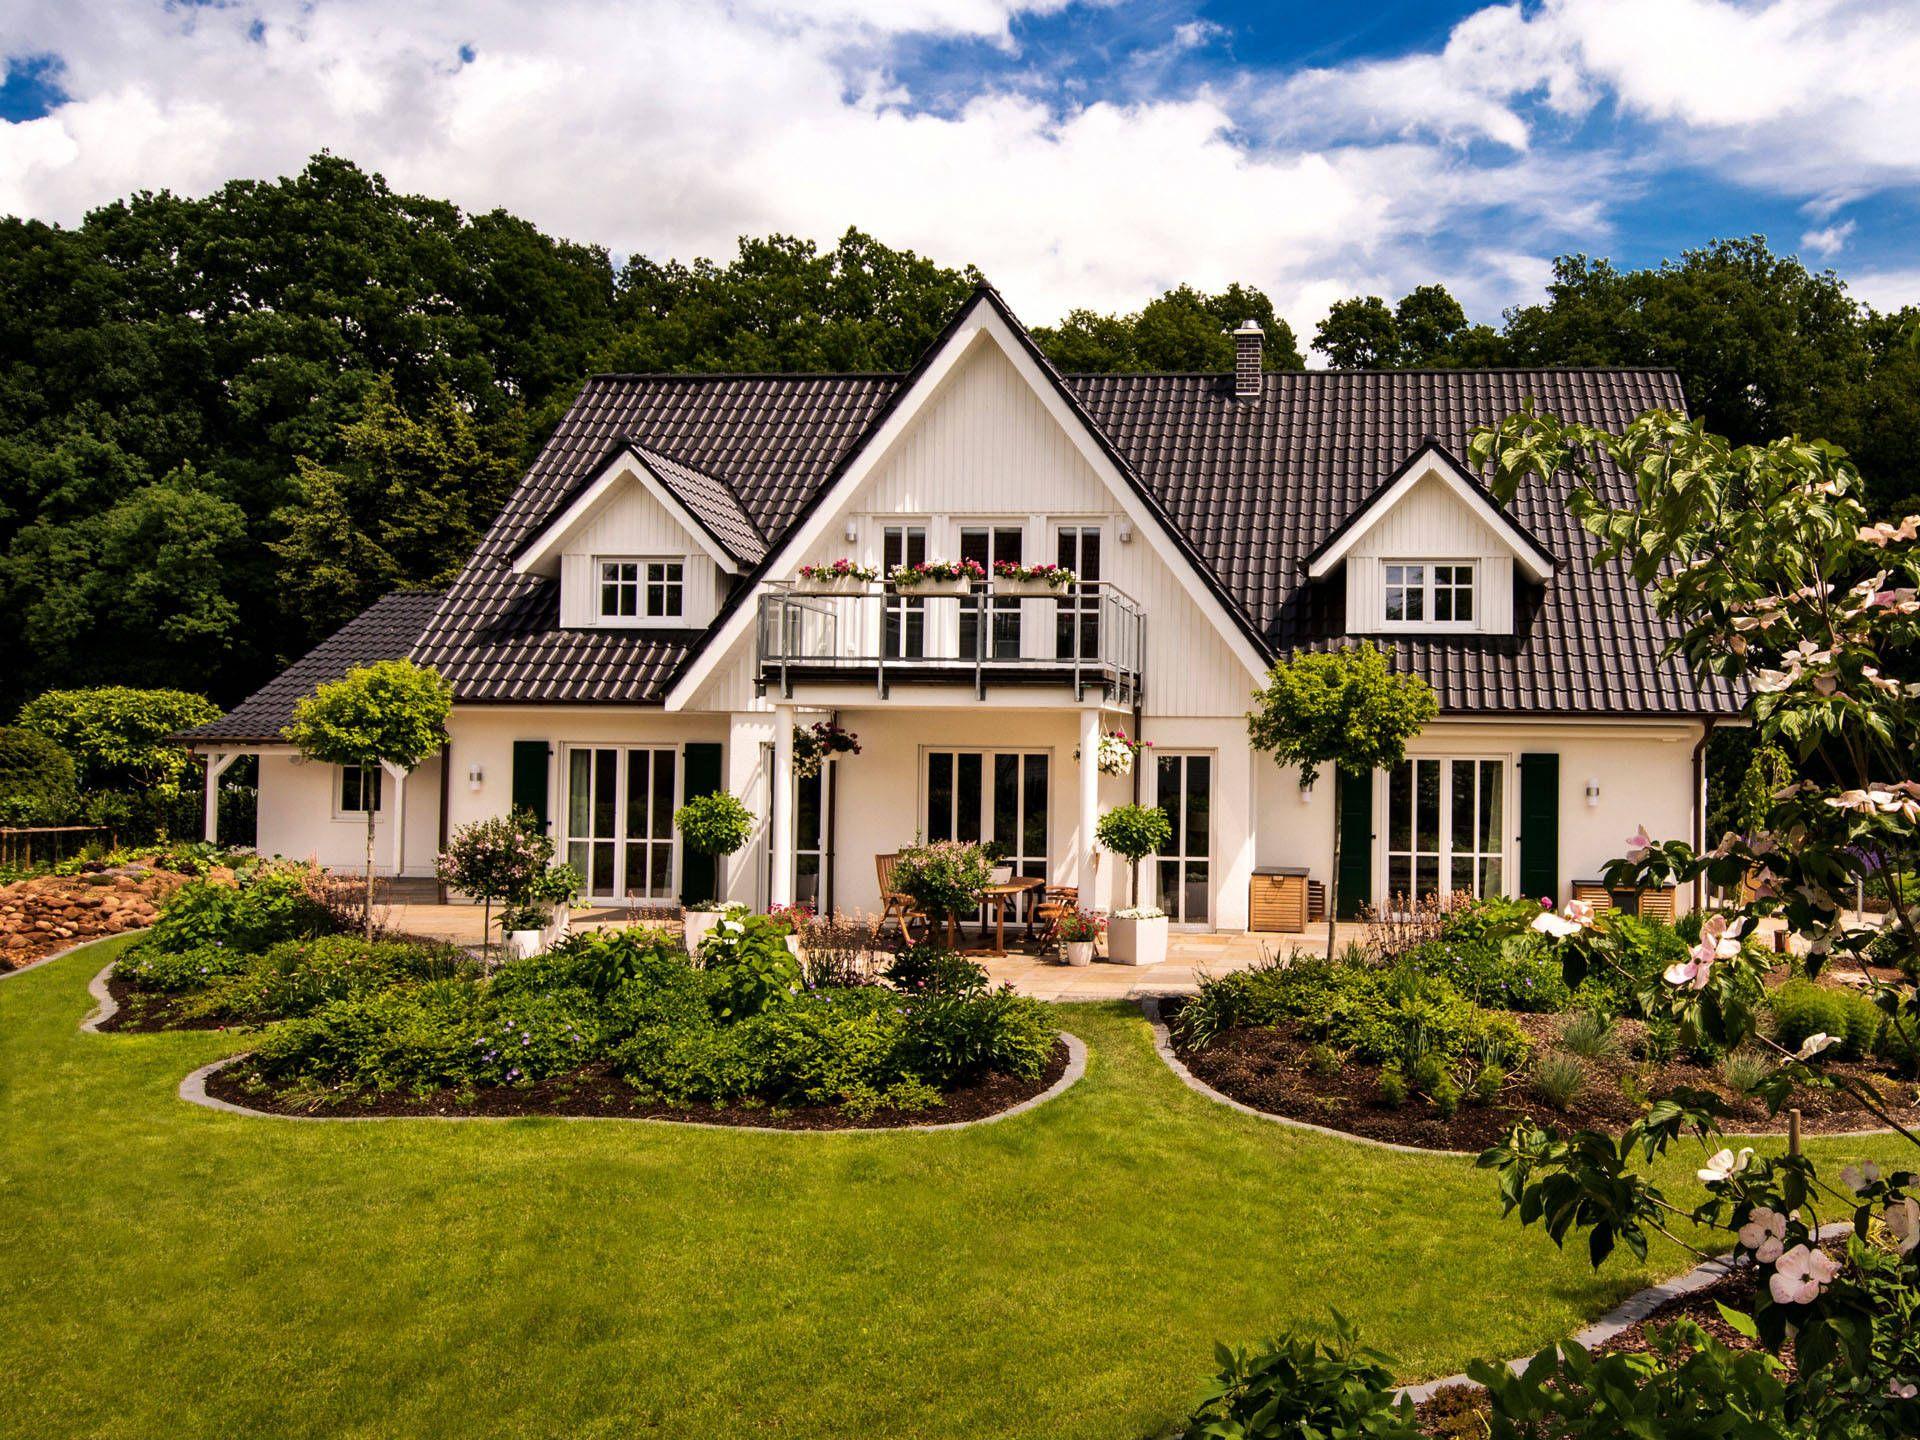 landhaus landhaus pinterest haacke haus musterhaus und landh user. Black Bedroom Furniture Sets. Home Design Ideas